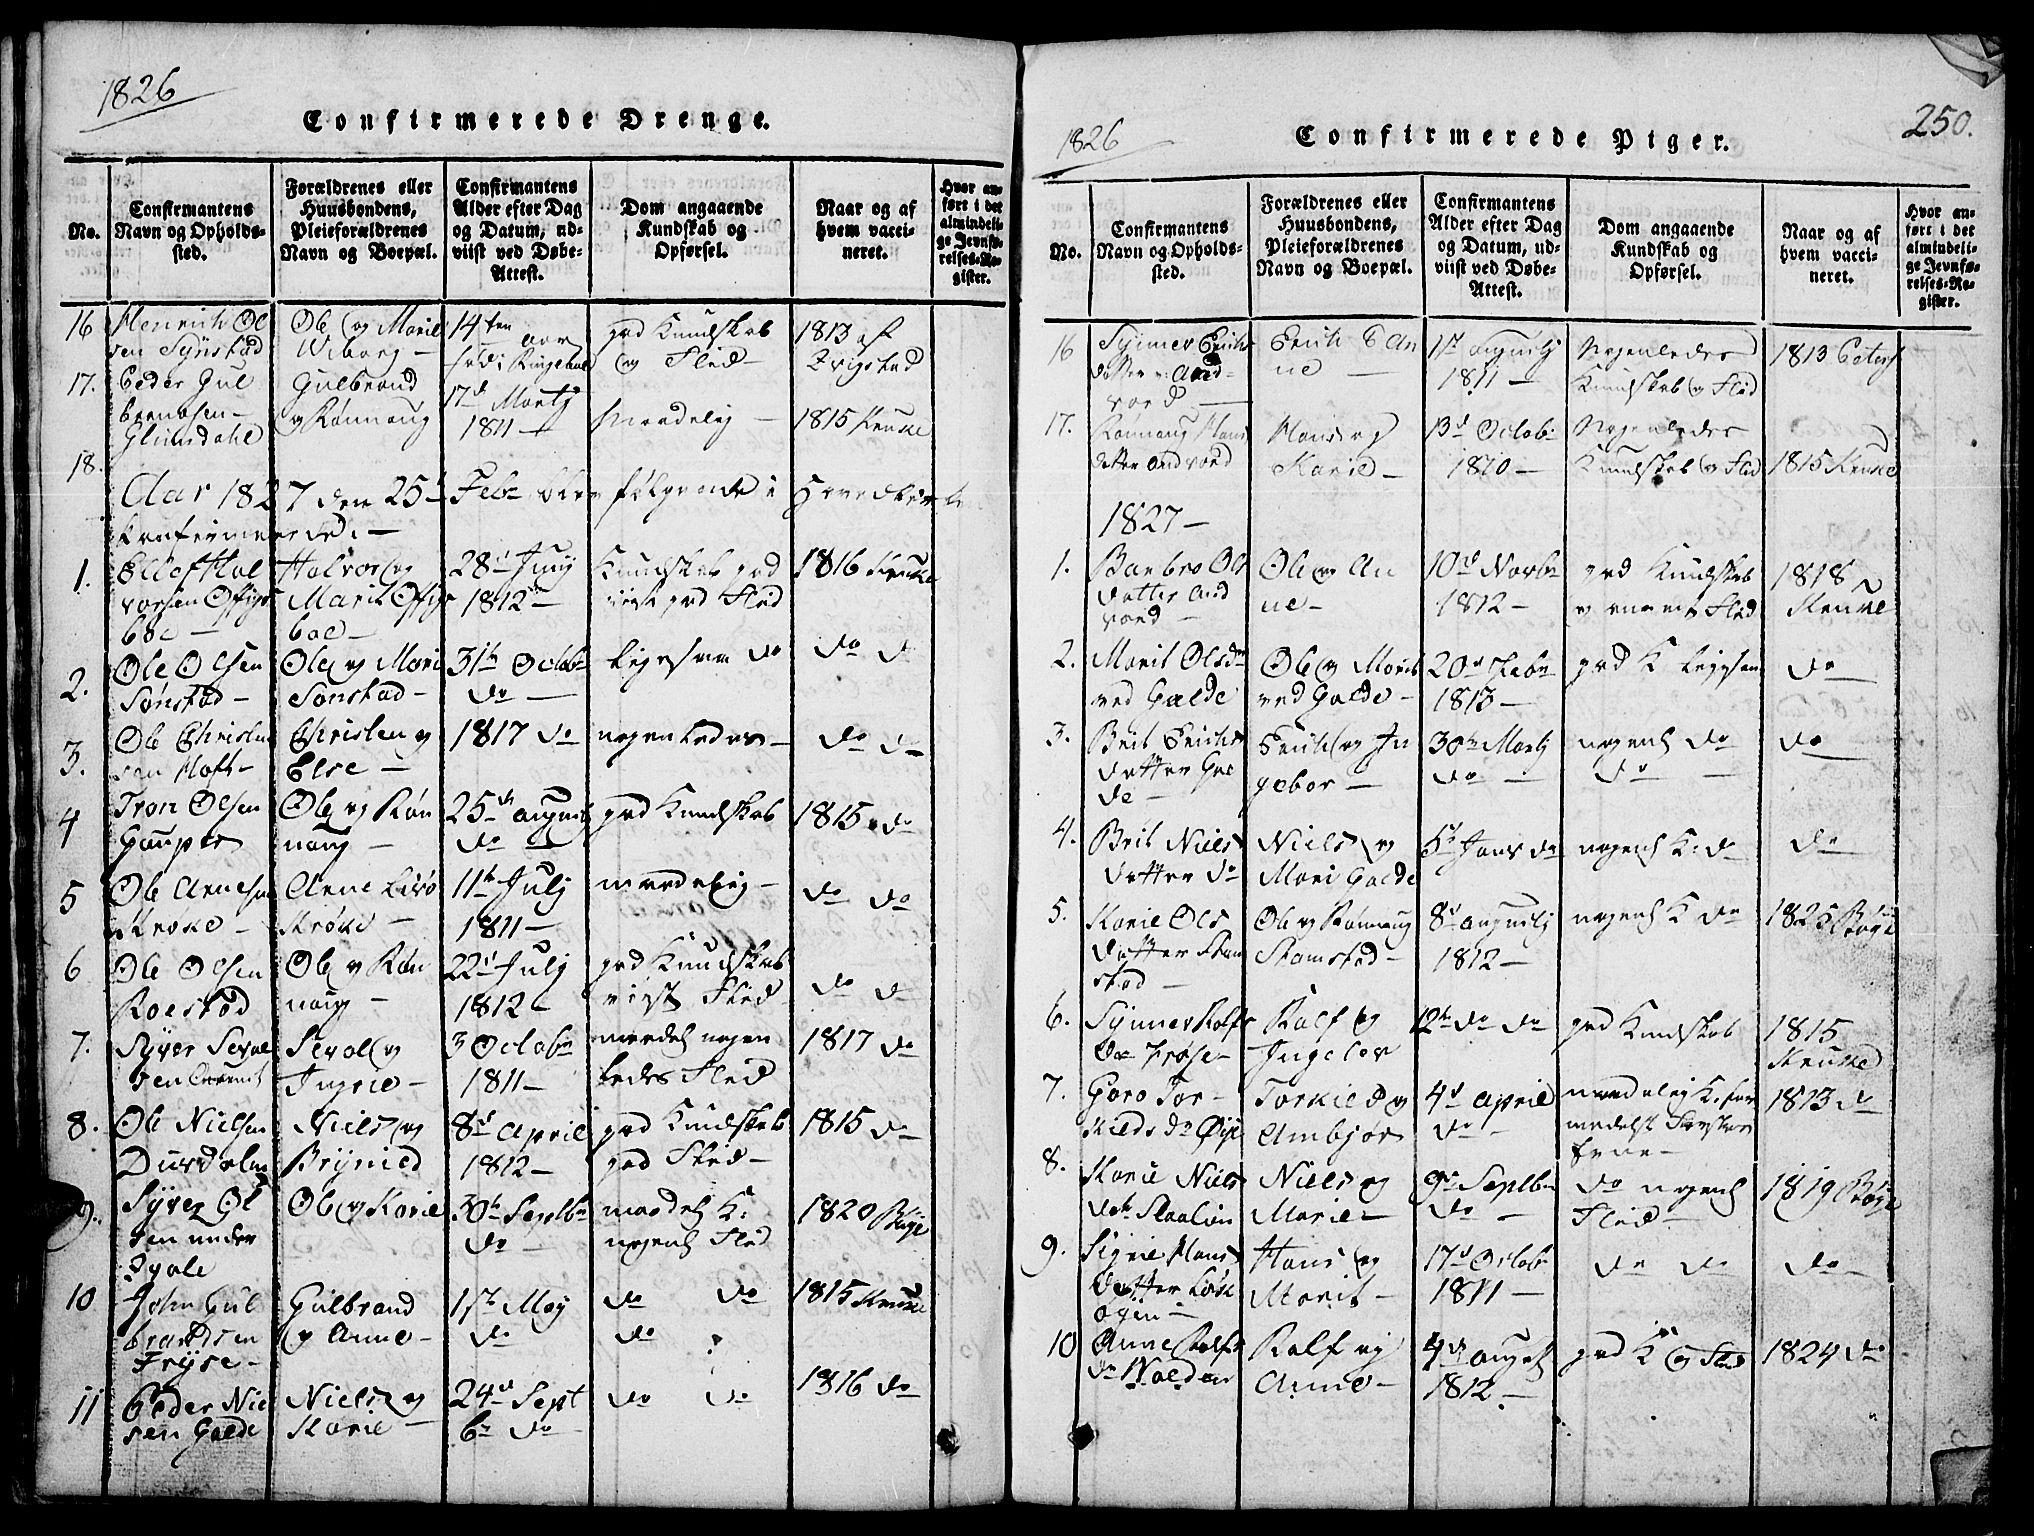 SAH, Lom prestekontor, L/L0001: Klokkerbok nr. 1, 1815-1836, s. 250